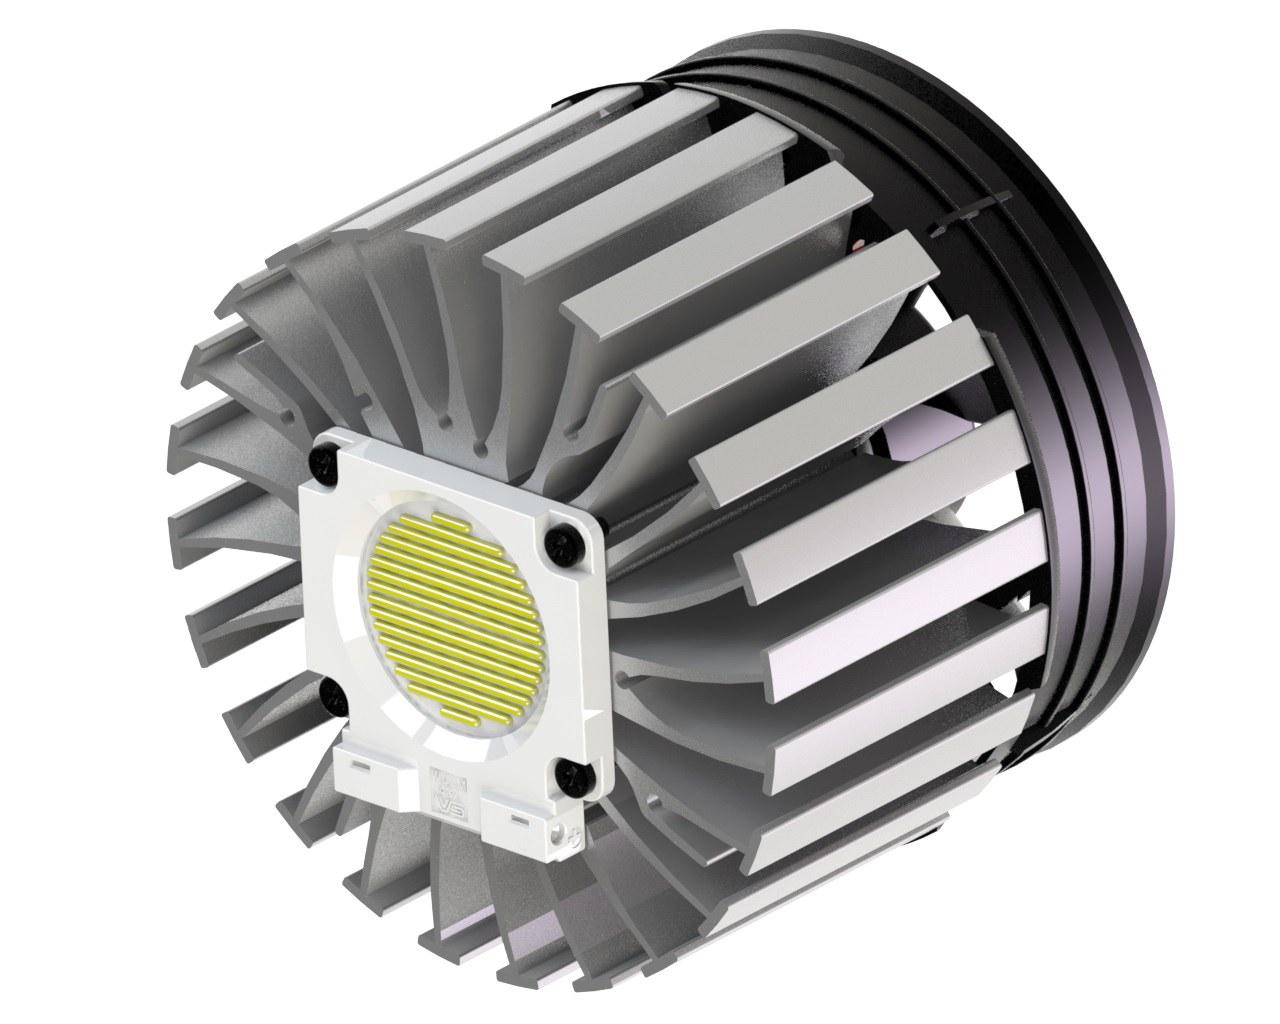 Tản nhiệt chủ động và tản nhiệt bị động cho LED